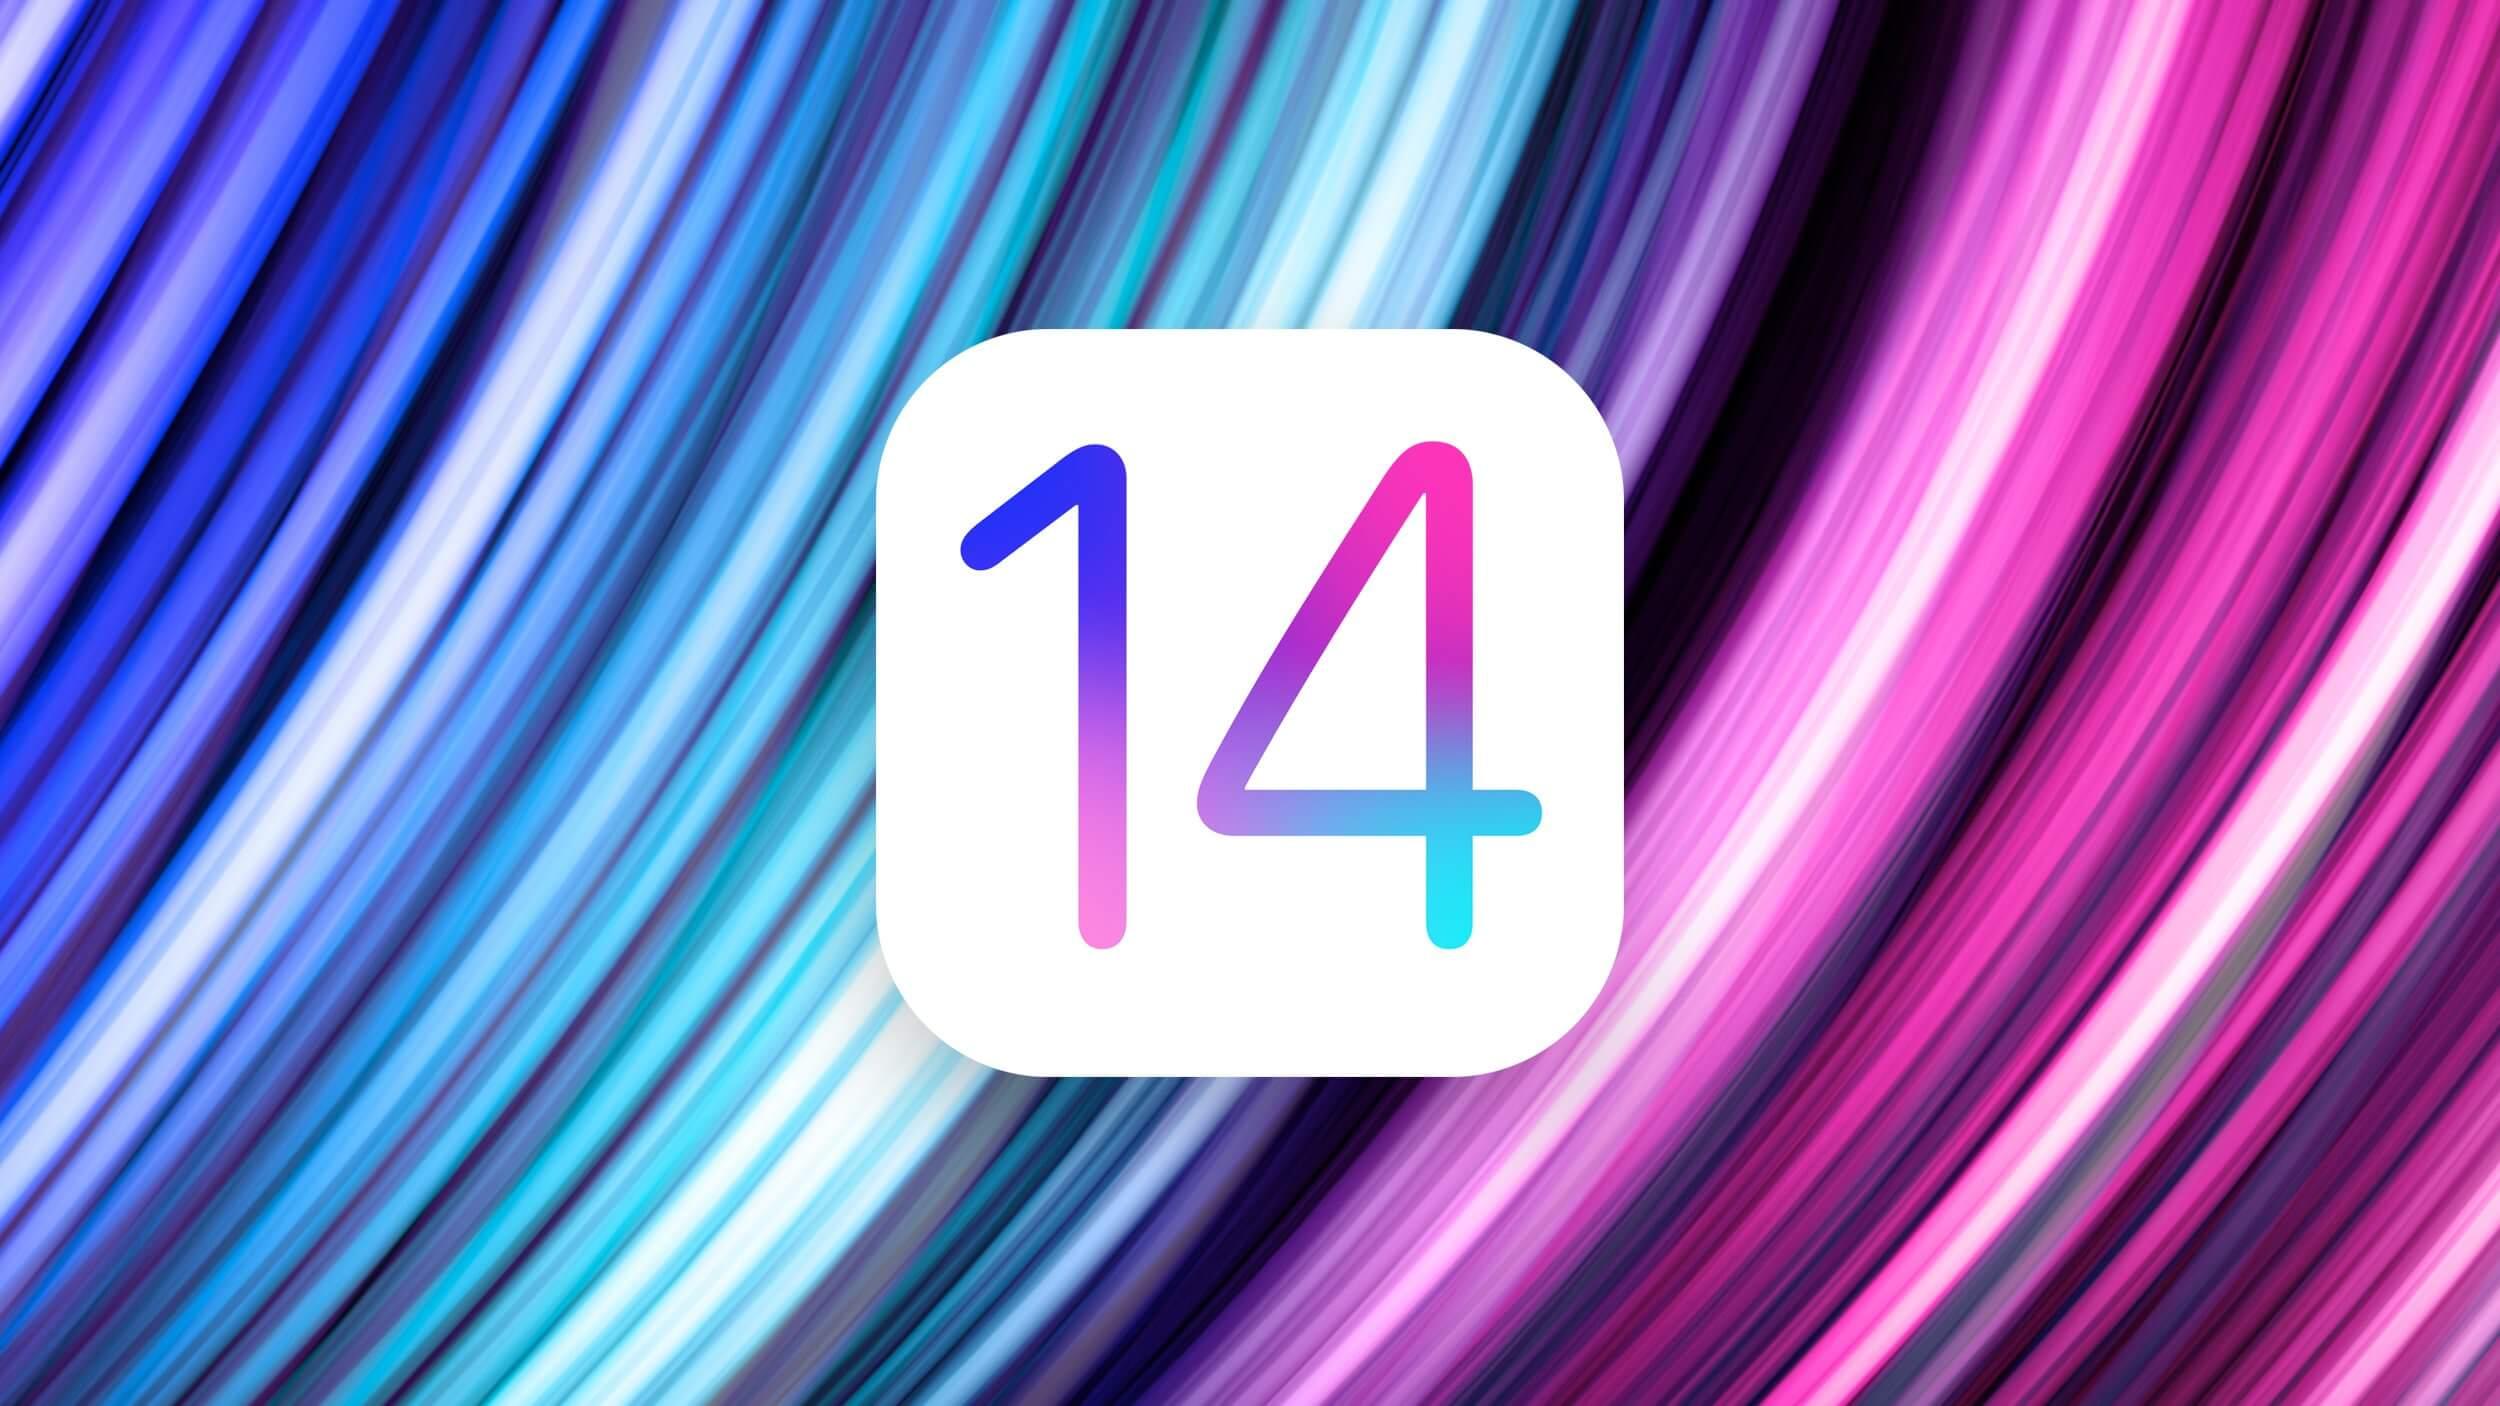 В iOS 14 появится новое приложение Gobi. Что оно умеет